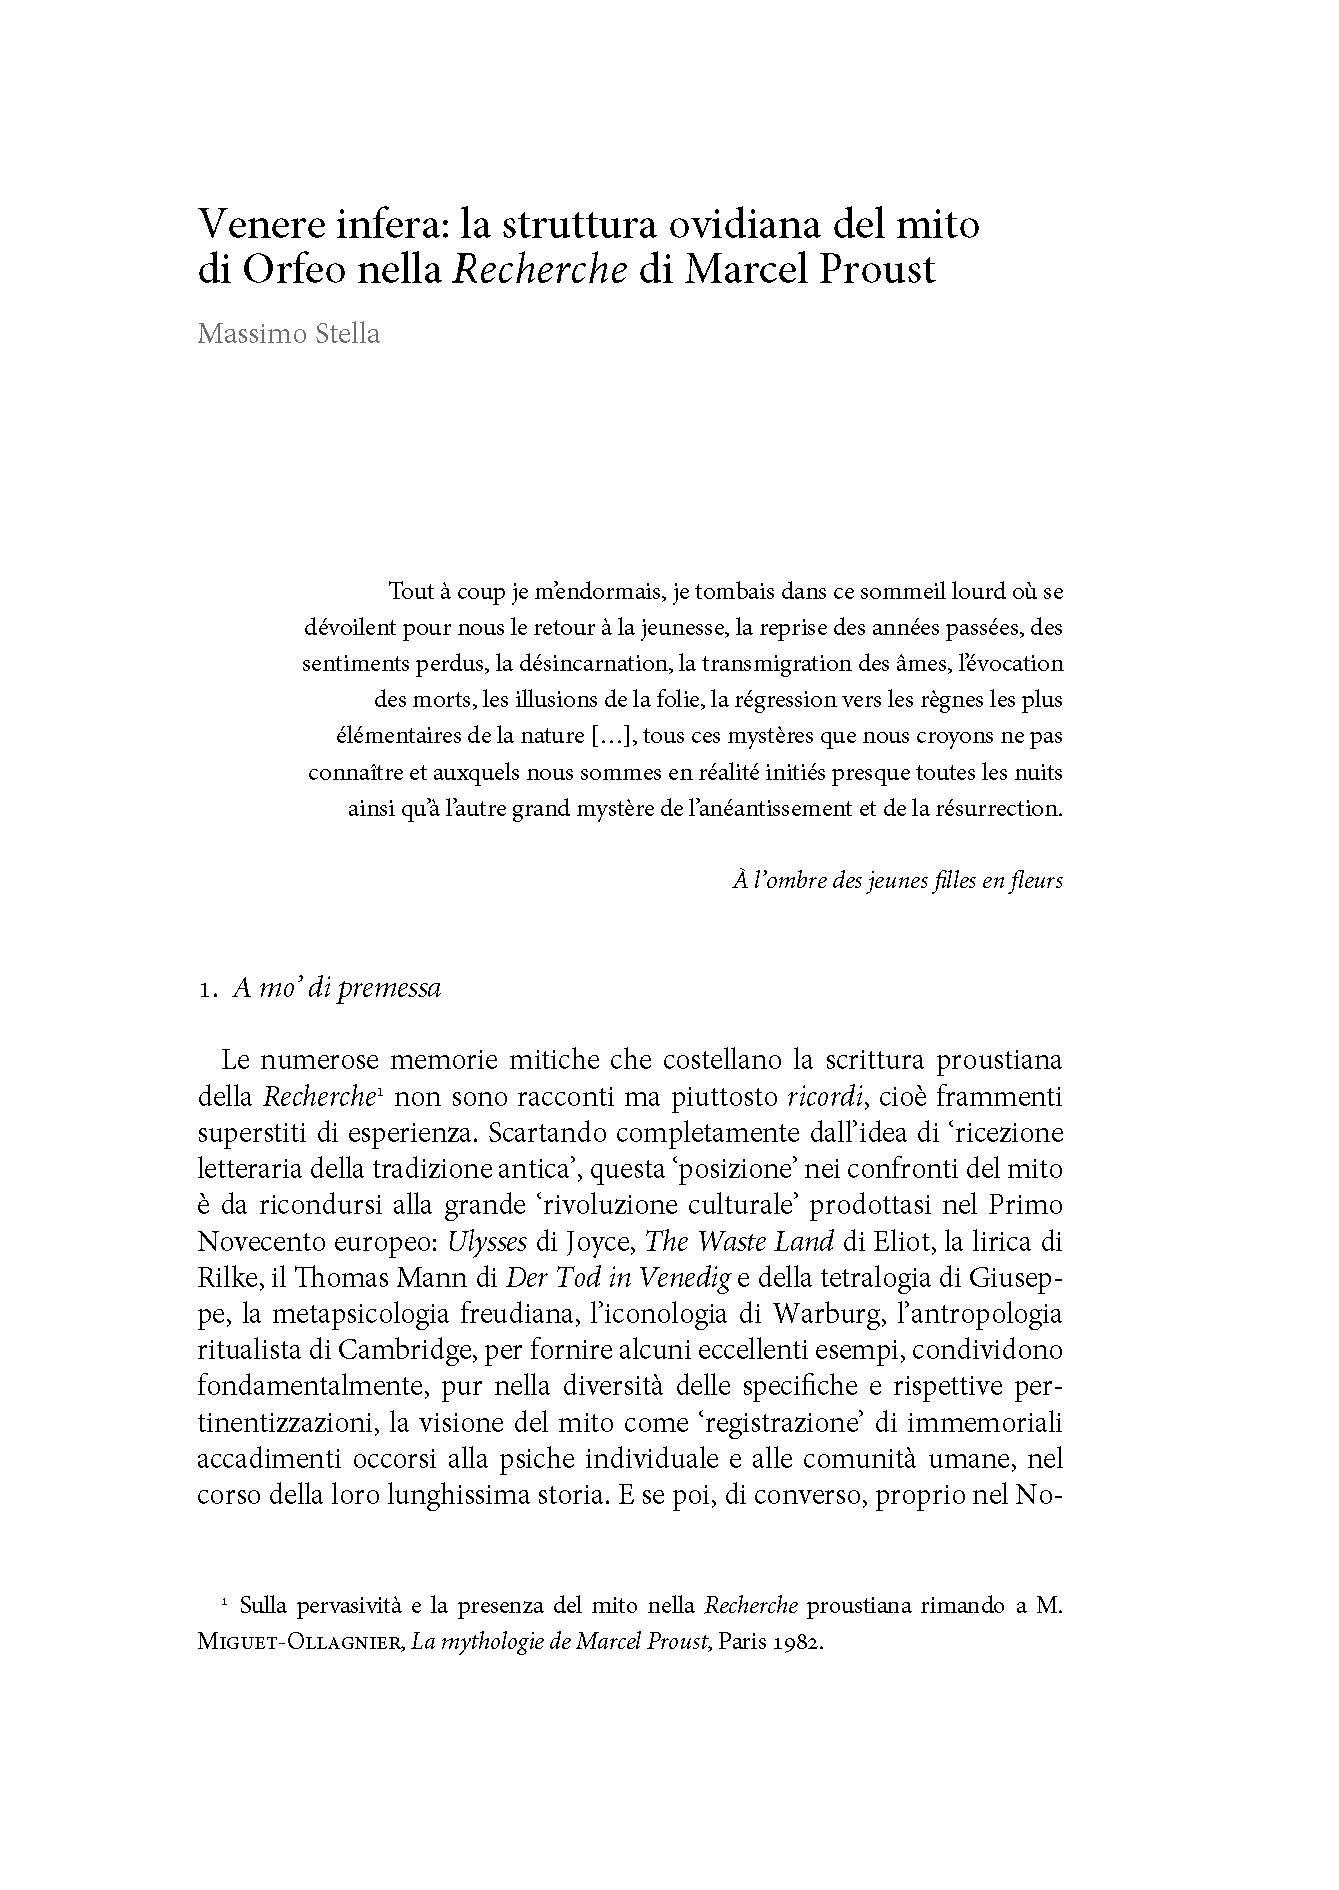 Venere infera: la struttura ovidiana del mito di Orfeo nella Recherche di Marcel Proust